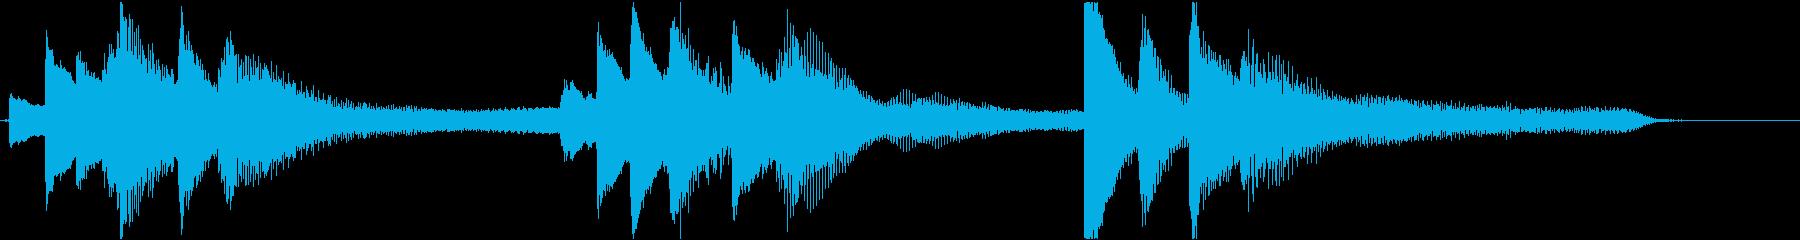 短いピアノの感動的なシーンのジングルですの再生済みの波形